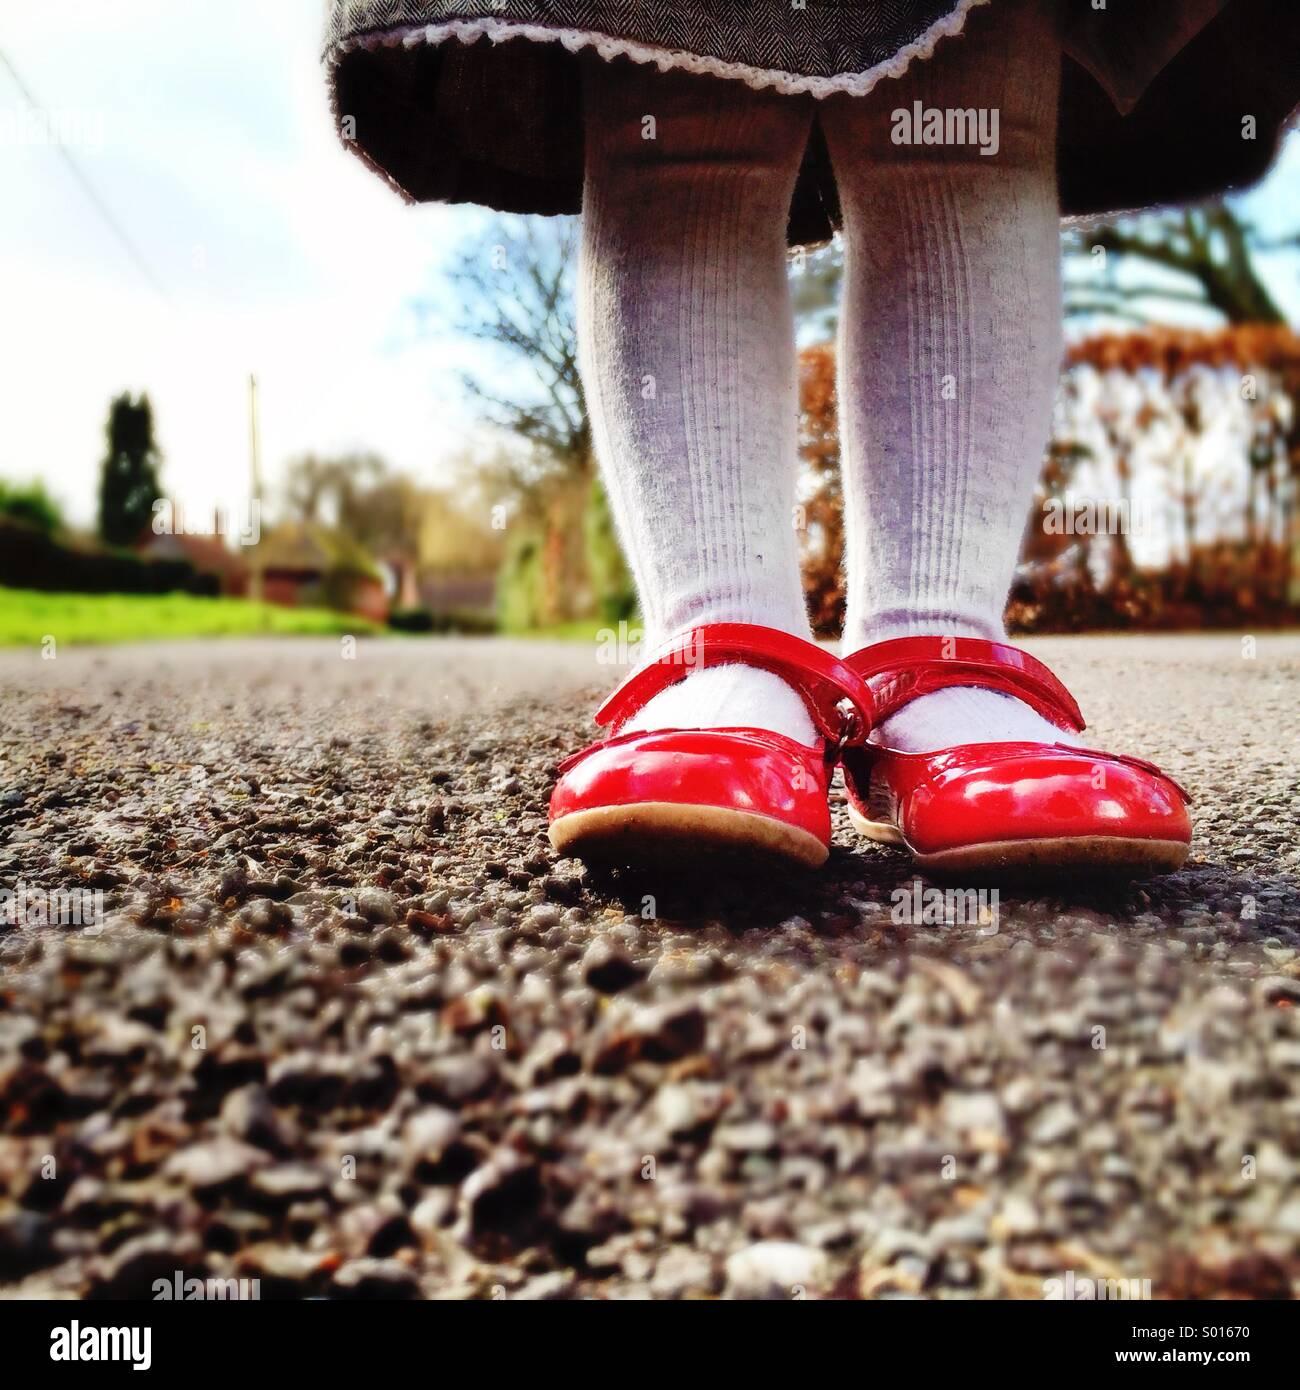 Chica en zapatos rojos Imagen De Stock